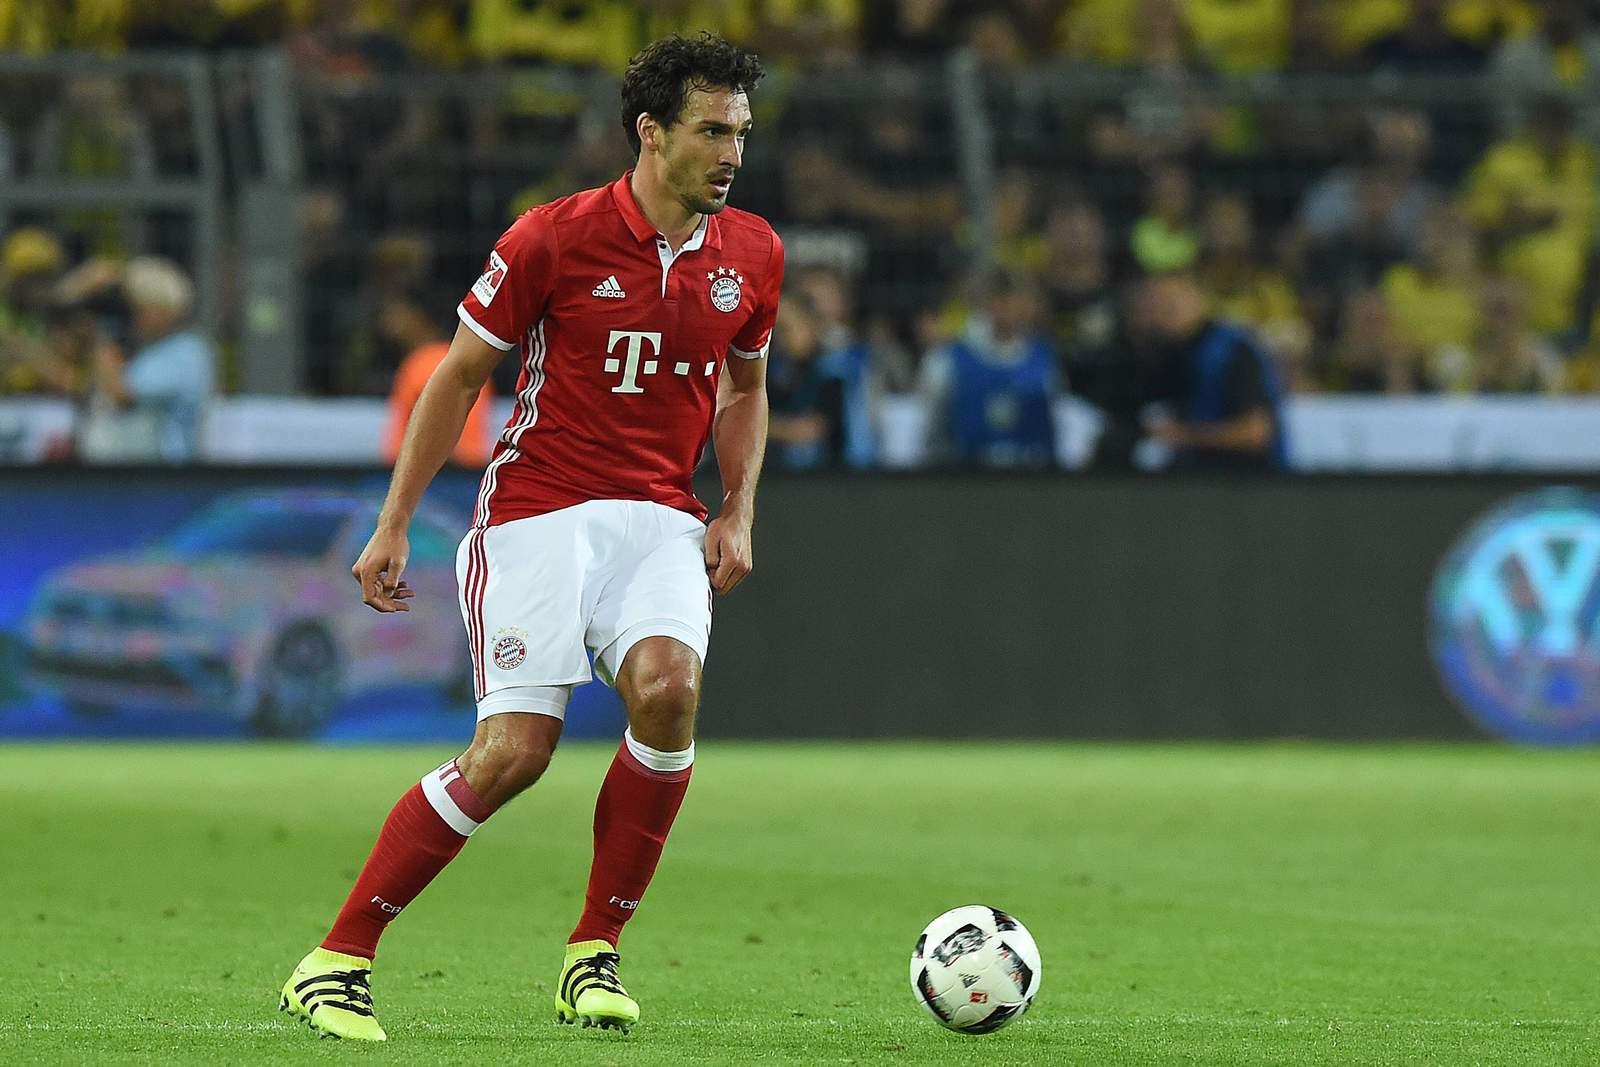 Bleibt Hummels konzentriert? Jetzt auf Carl Zeiss Jena gegen FC Bayern wetten